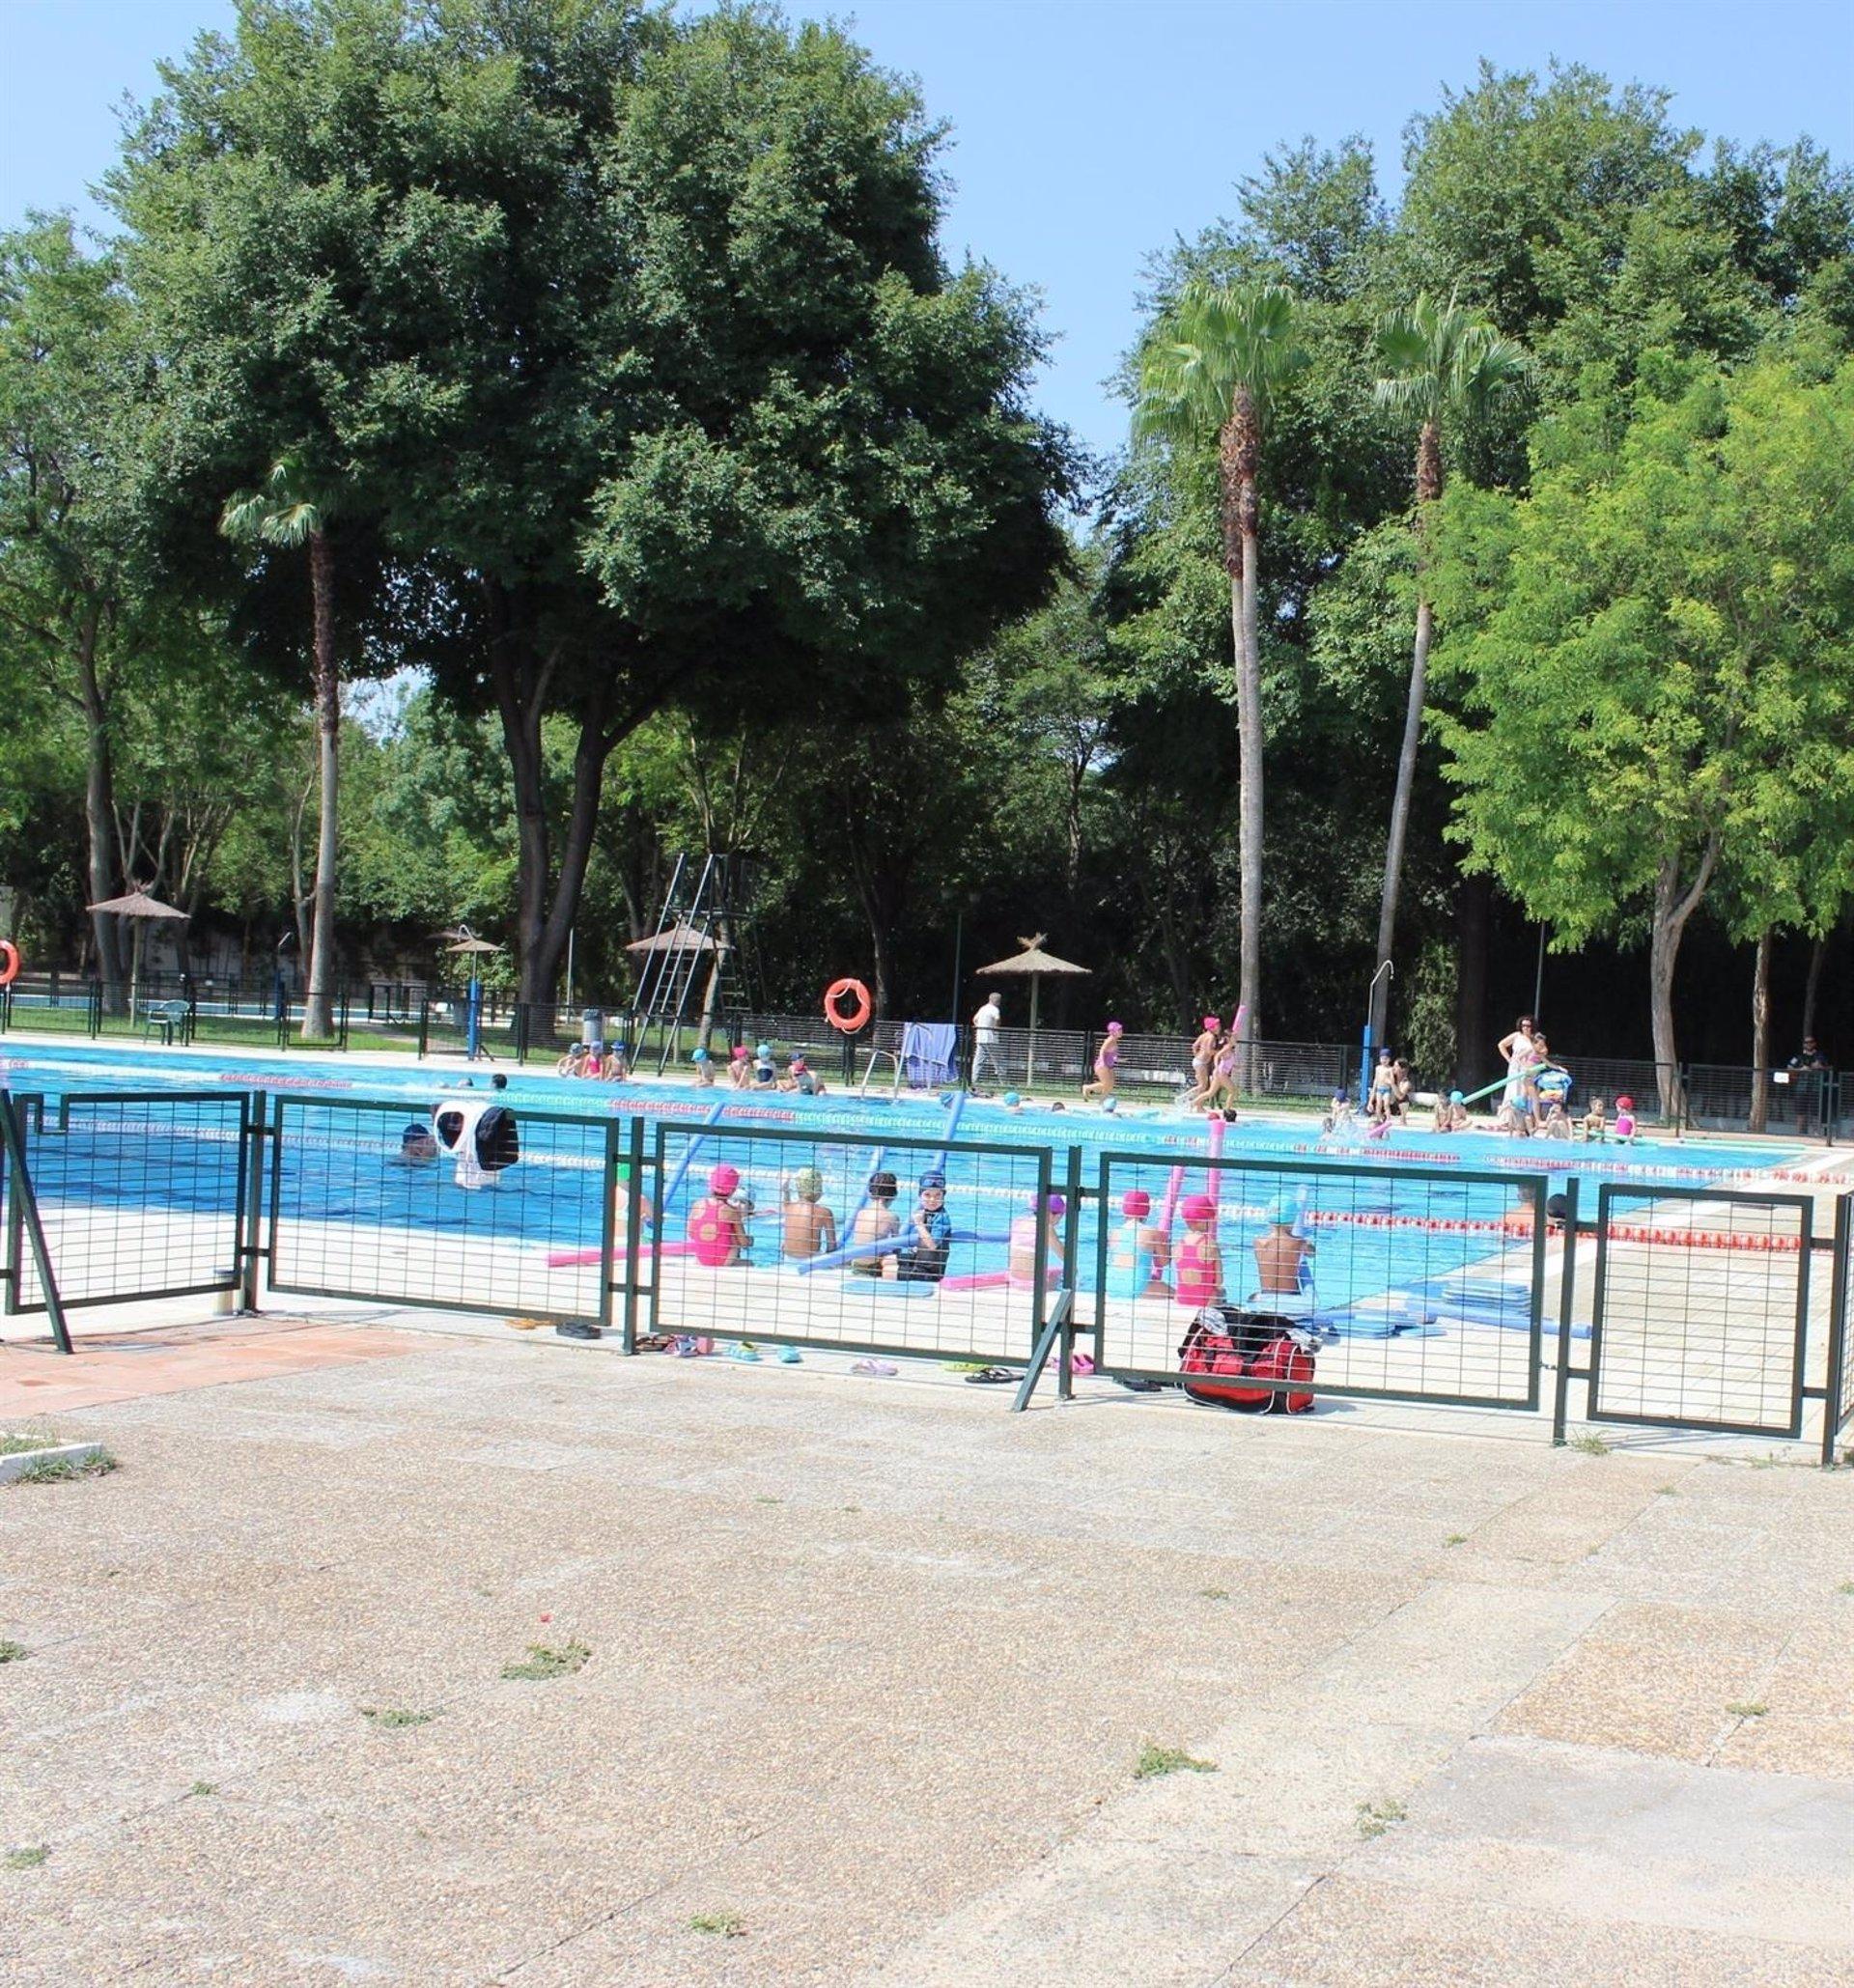 Alcal de guada ra verano junto al guada ra tras la apertura este mi rcoles de la piscina de - Piscina cubierta alcala de guadaira ...